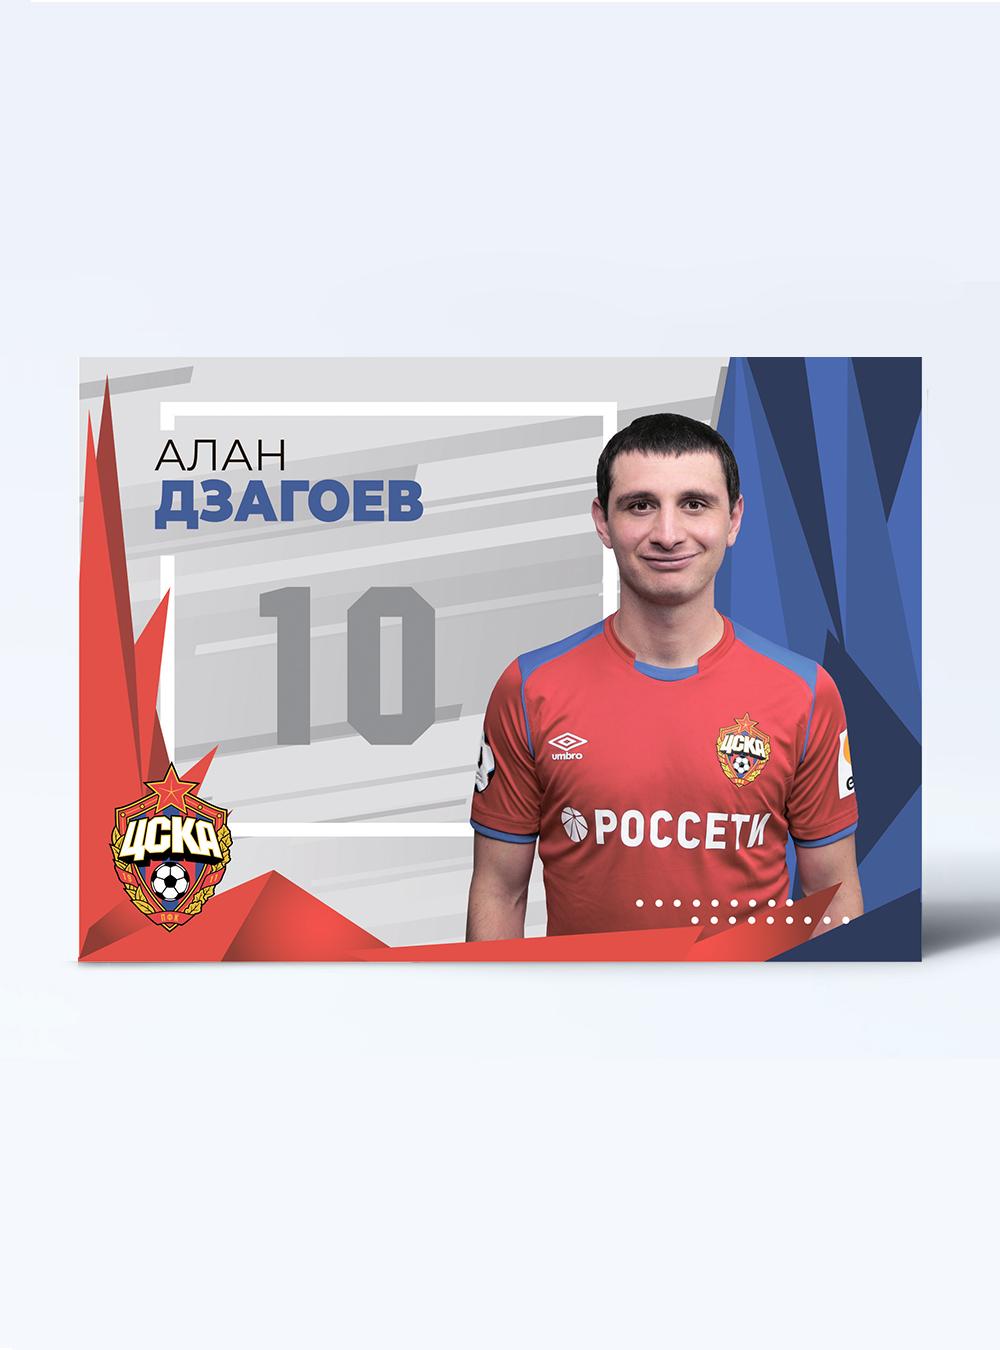 Карточка для автографа Дзагоев 2019/2020 фото